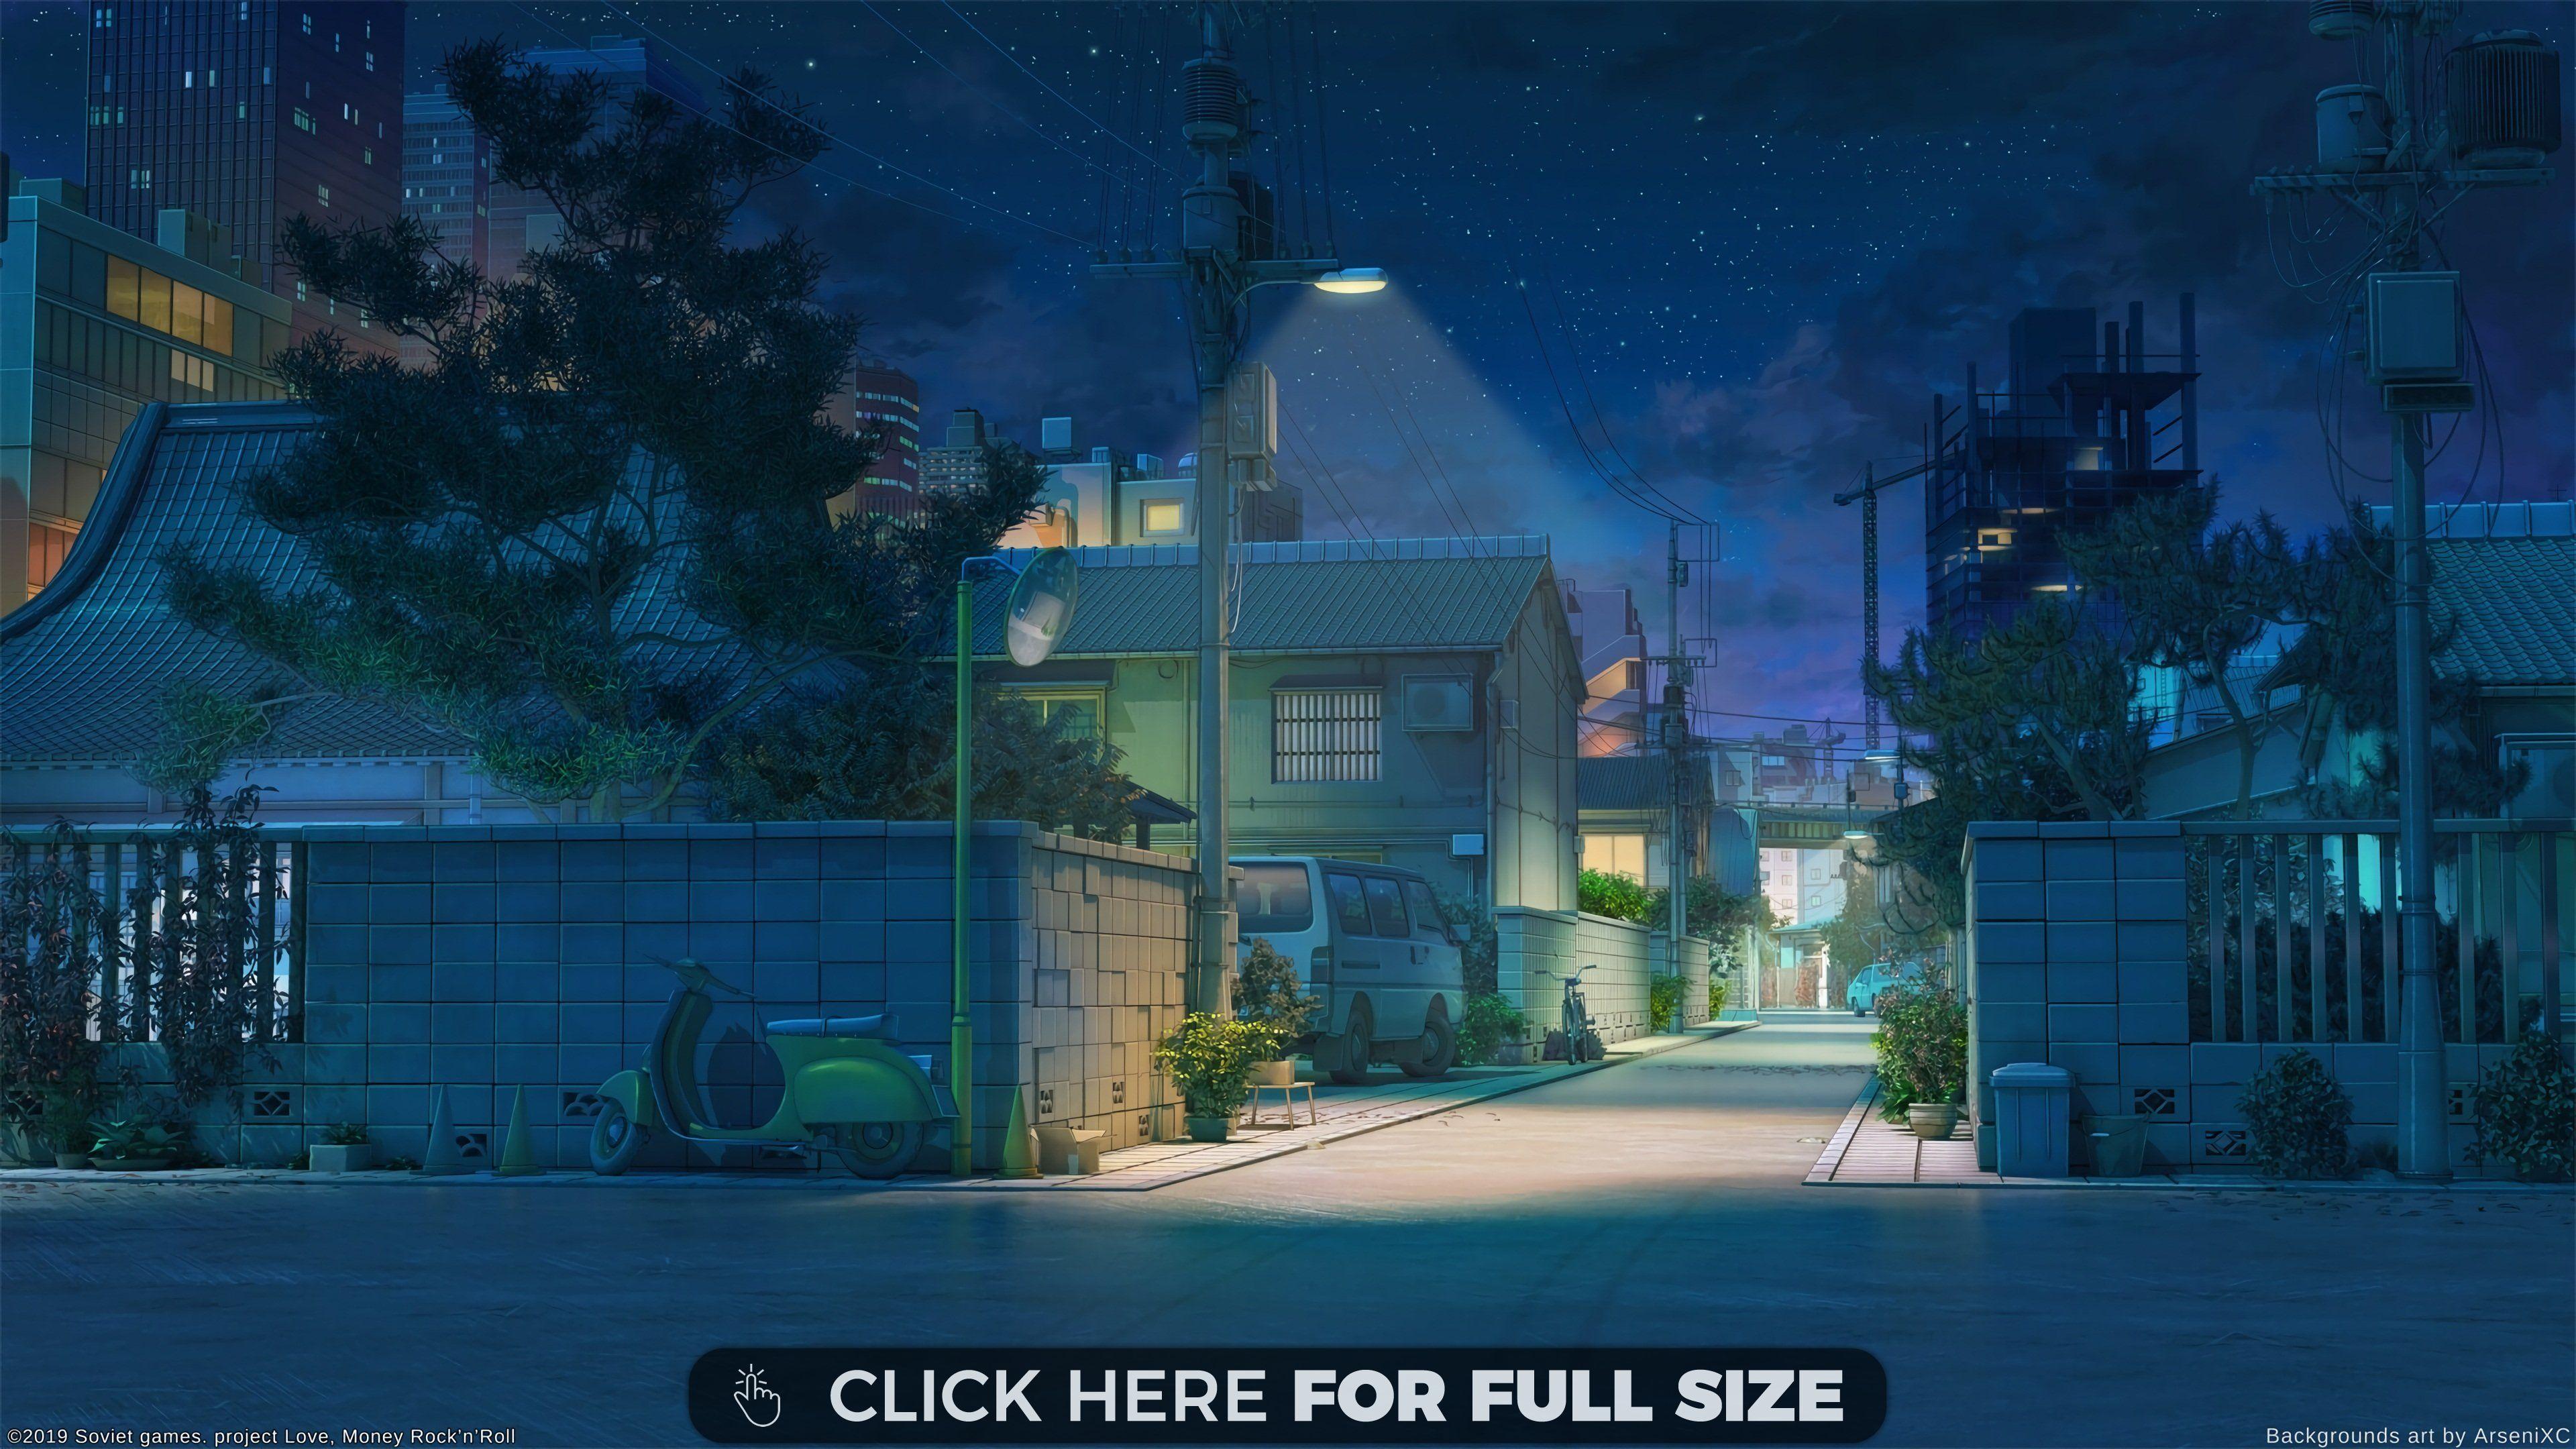 Night Japan Street 4k Wallpaper Scenery Background Anime Backgrounds Wallpapers Anime Scenery Wallpaper